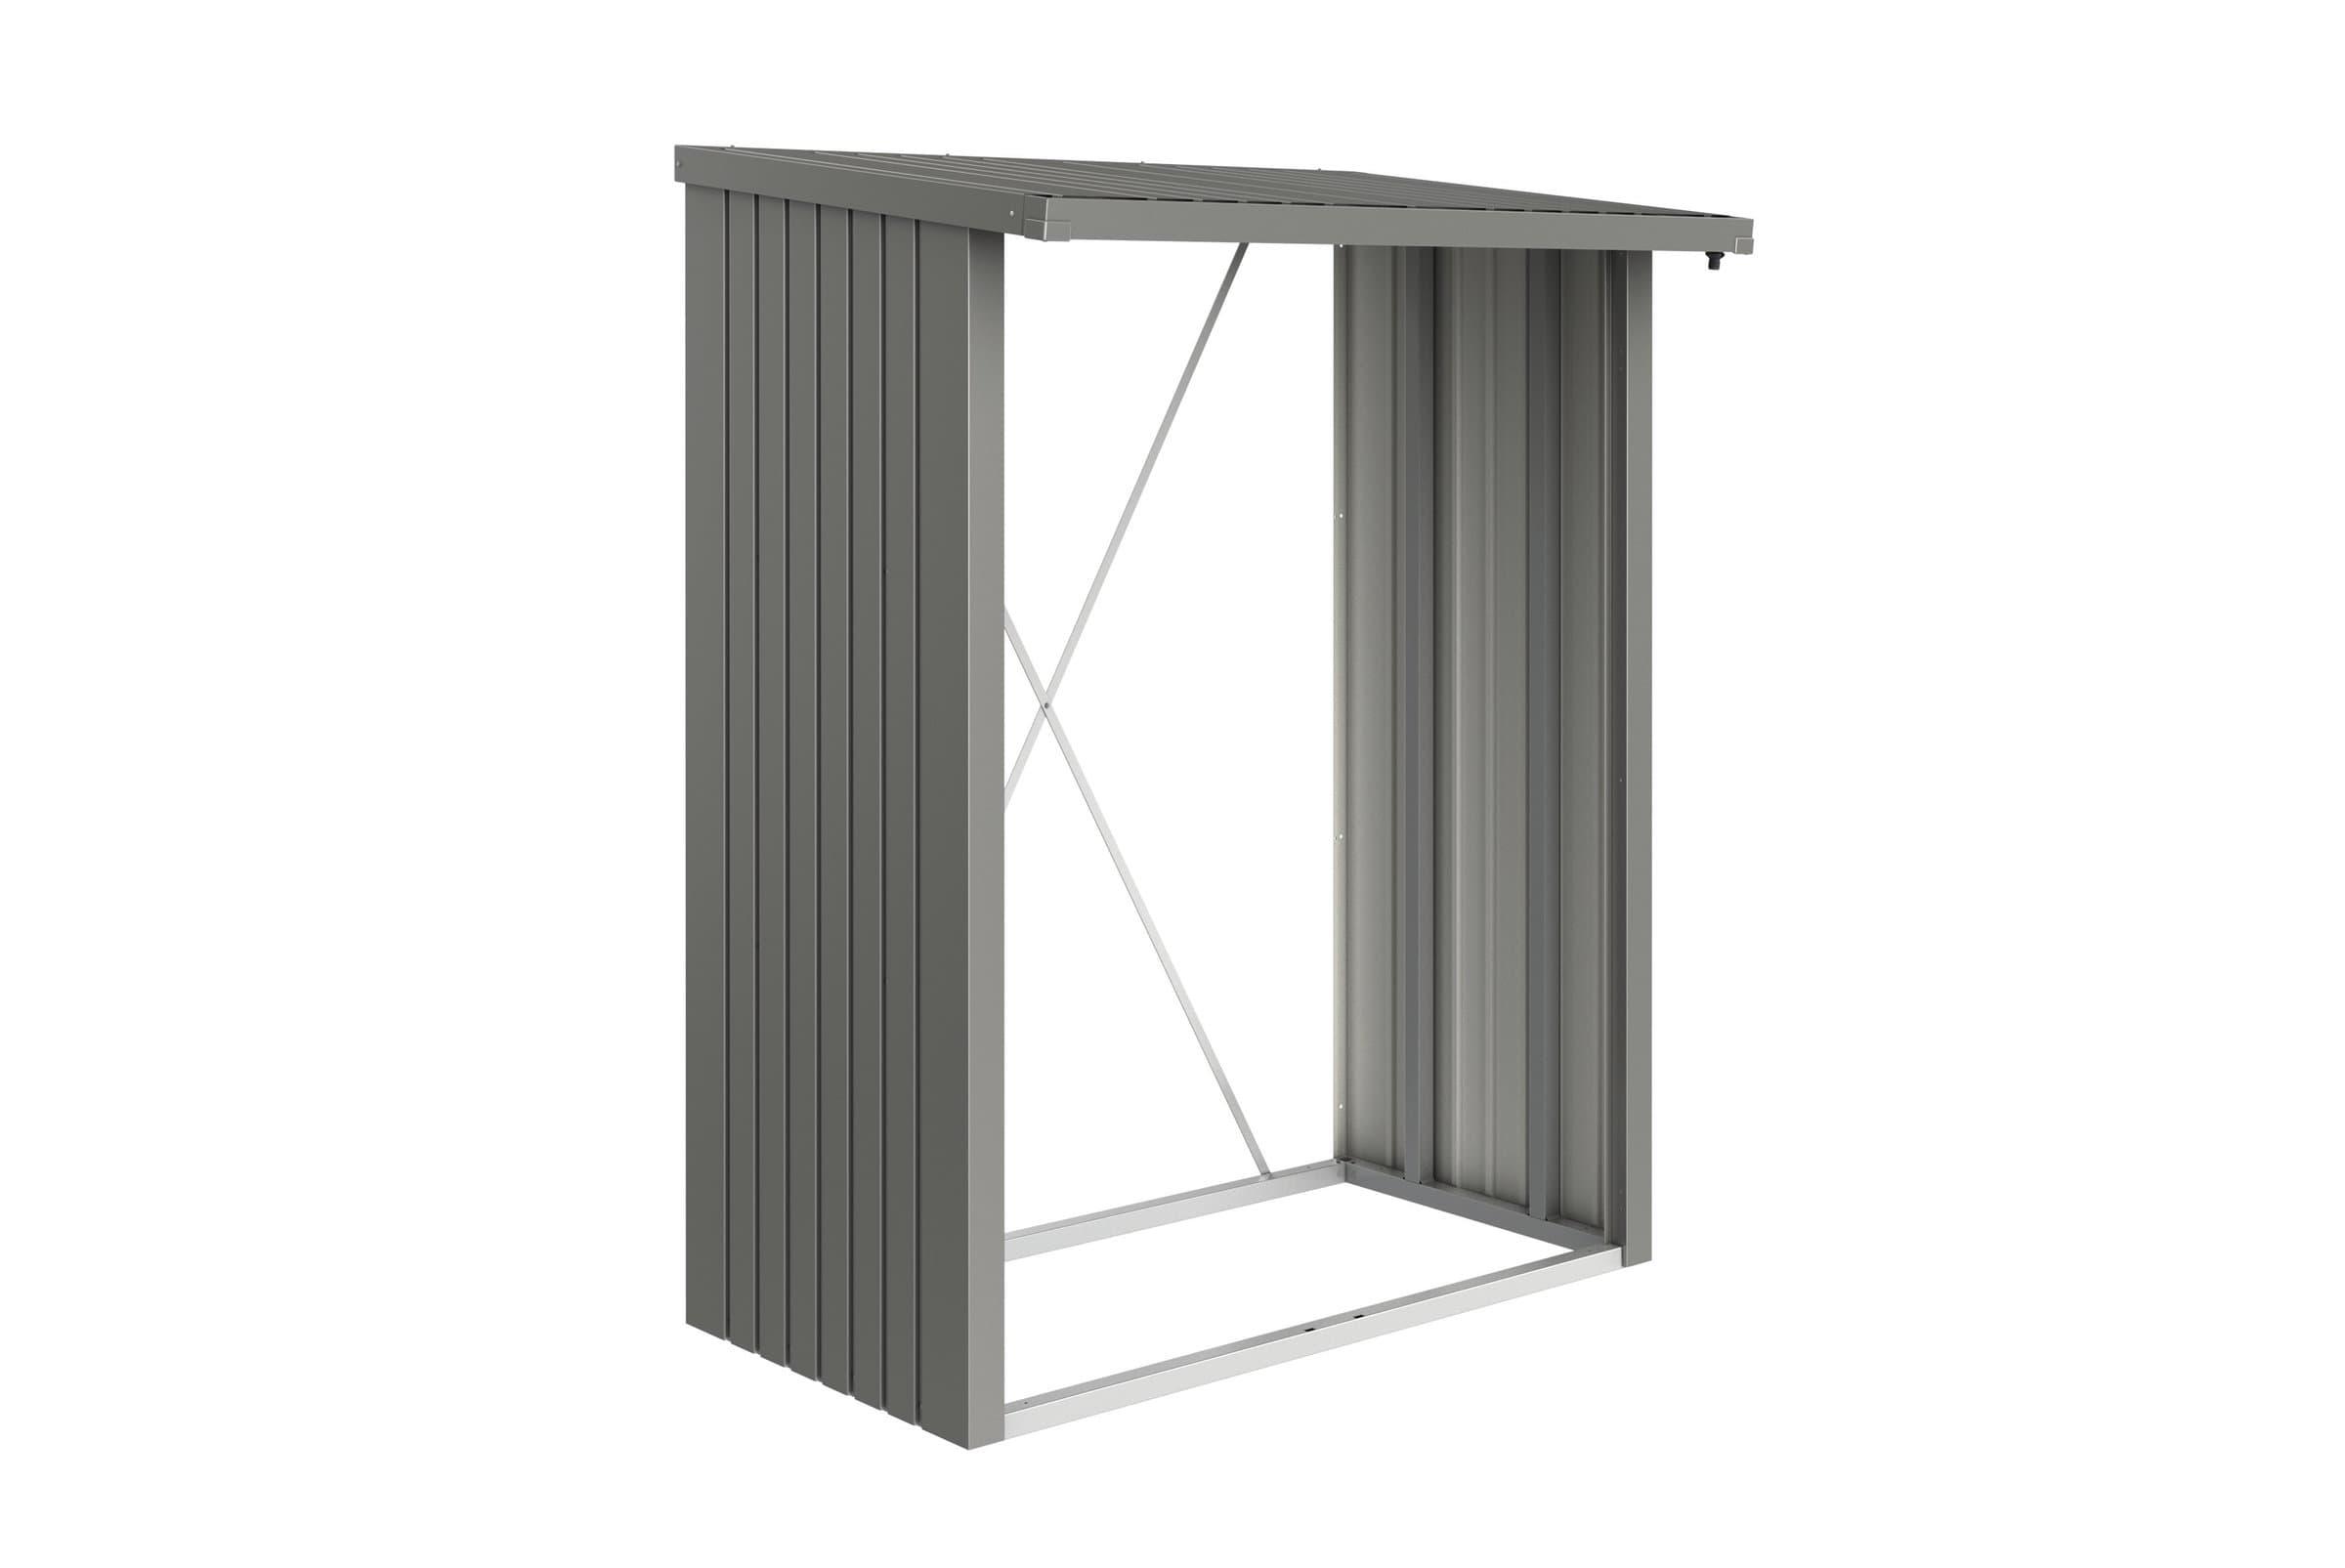 Biohort Paroi de fond pour casier de stockage Wood Stock 150